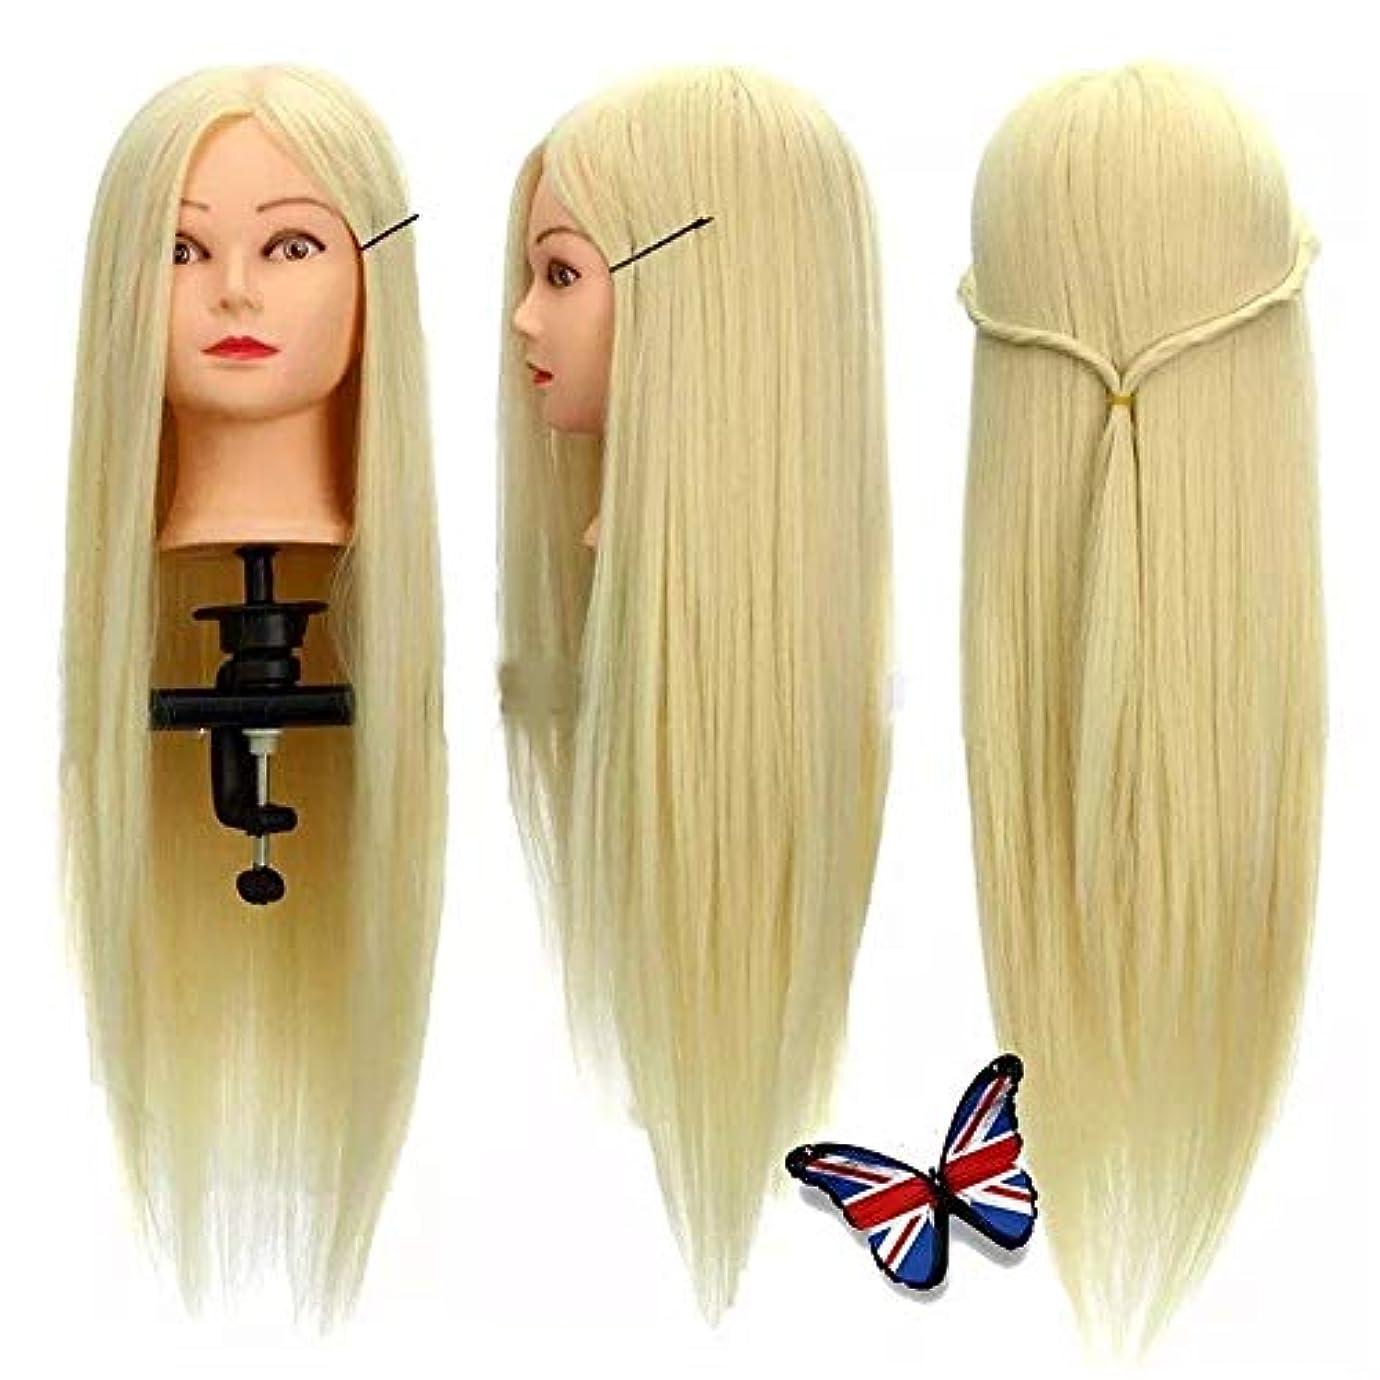 できない頻繁にユーモラスウイッグ マネキンヘッド 30%の本物の人間の髪の毛のトレーニング頭部サロン理髪カットマネキンでクランプでクランプホルダ 練習用 (色 : Blonde, サイズ : As picture shows)